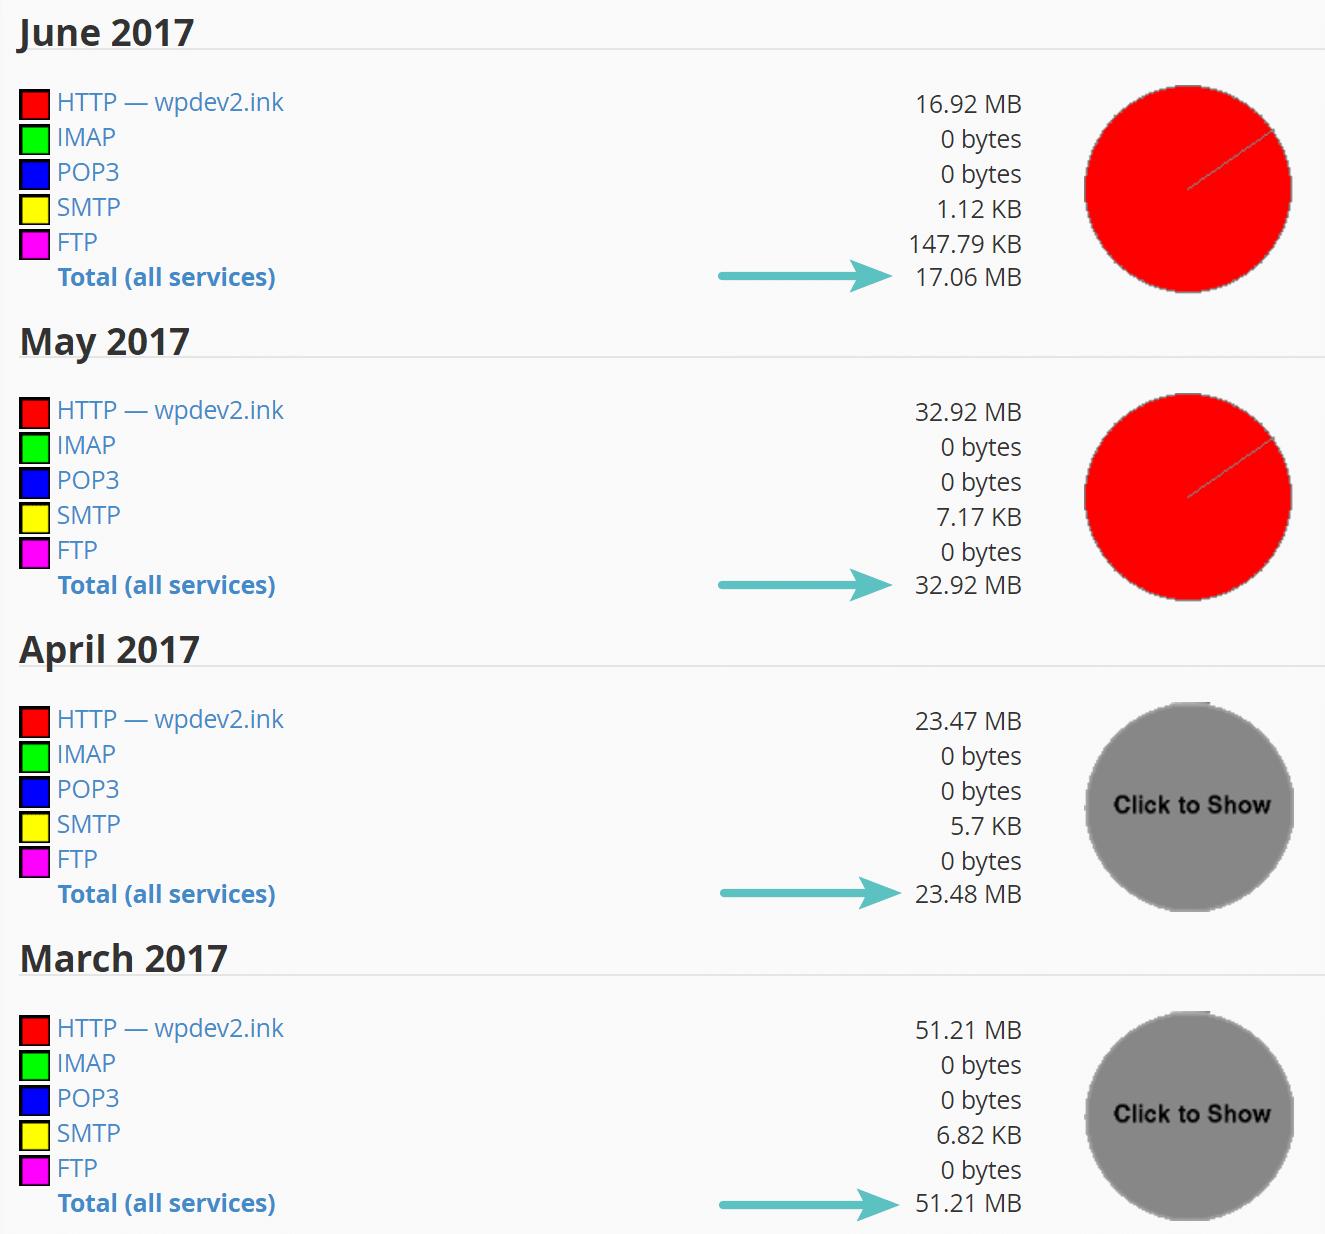 Utilização total de largura de banda mensal no cPanel